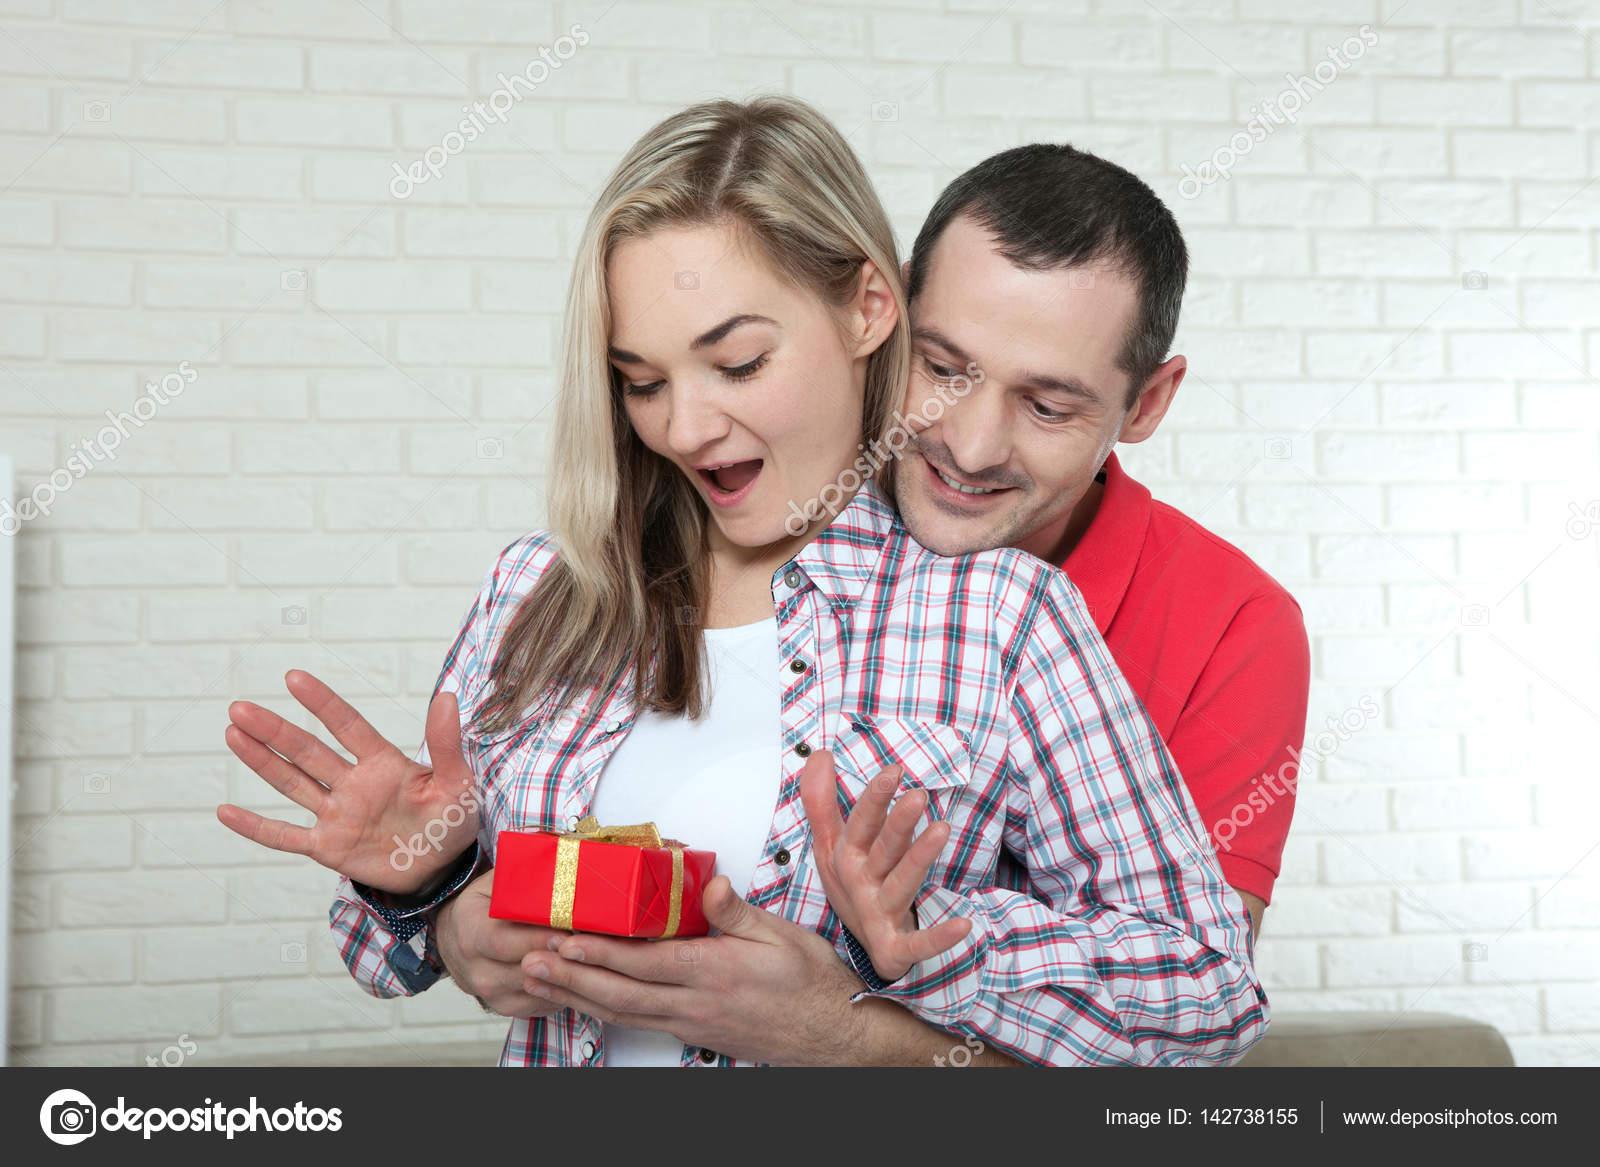 Valentinstag oder Weihnachten Konzept - junge Frau Eröffnung ...